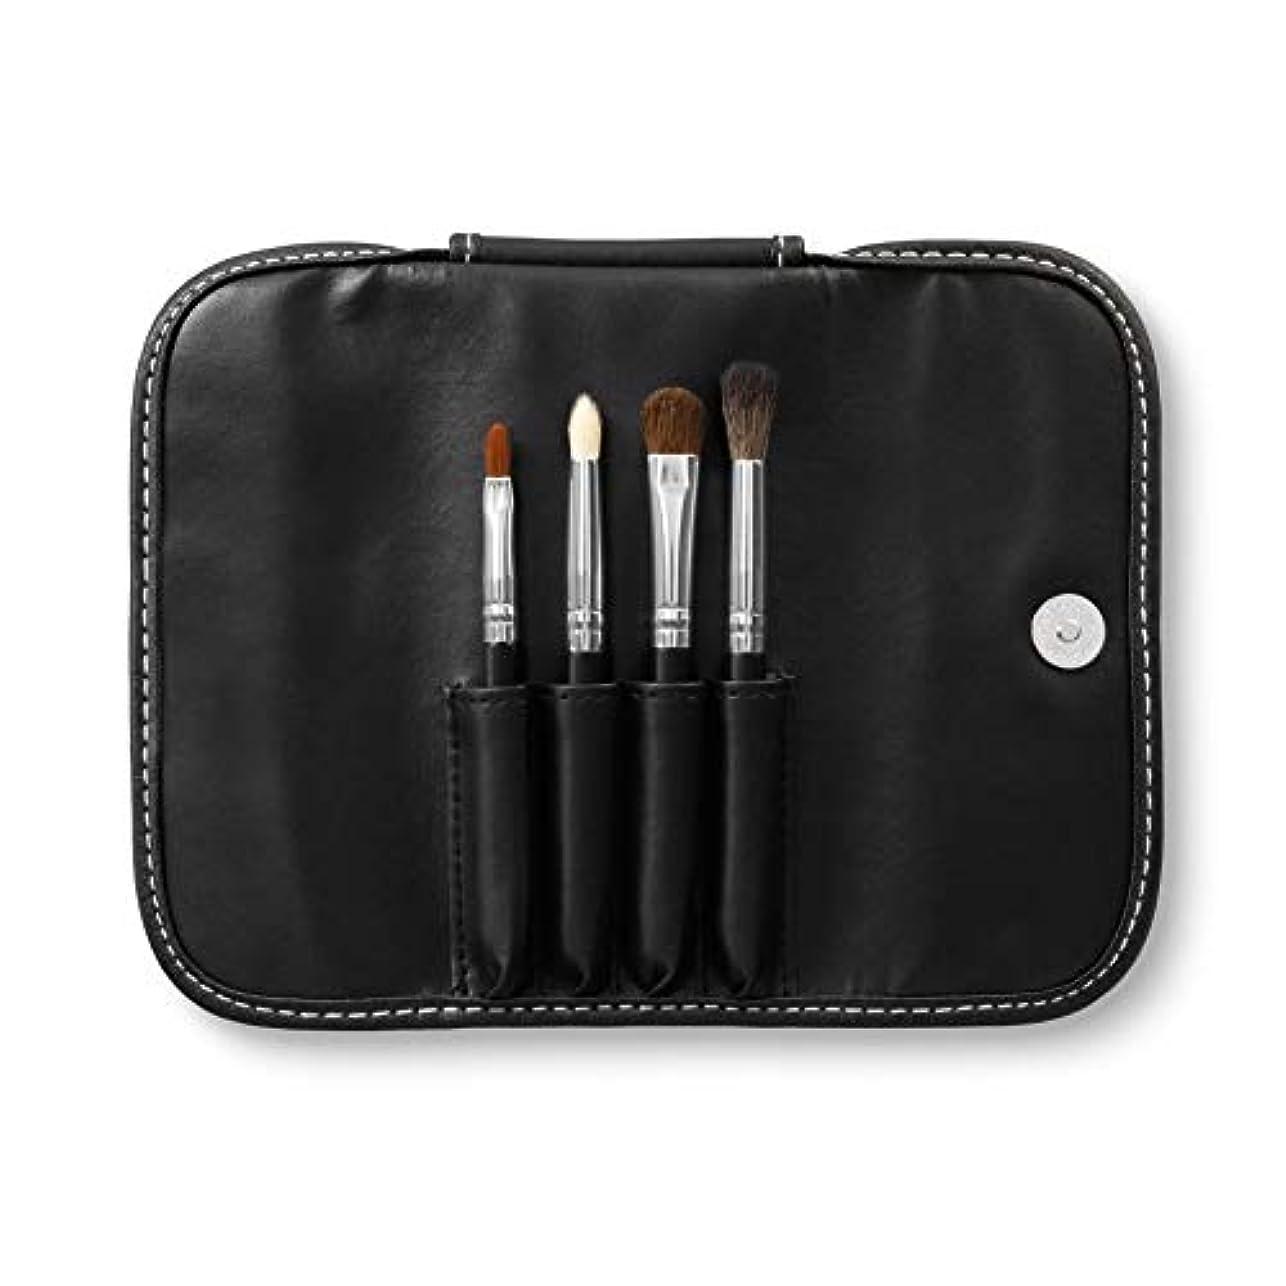 束ねる欠陥おめでとうBH Cosmetics Eye Essential To Go - 4 Piece Brush Set